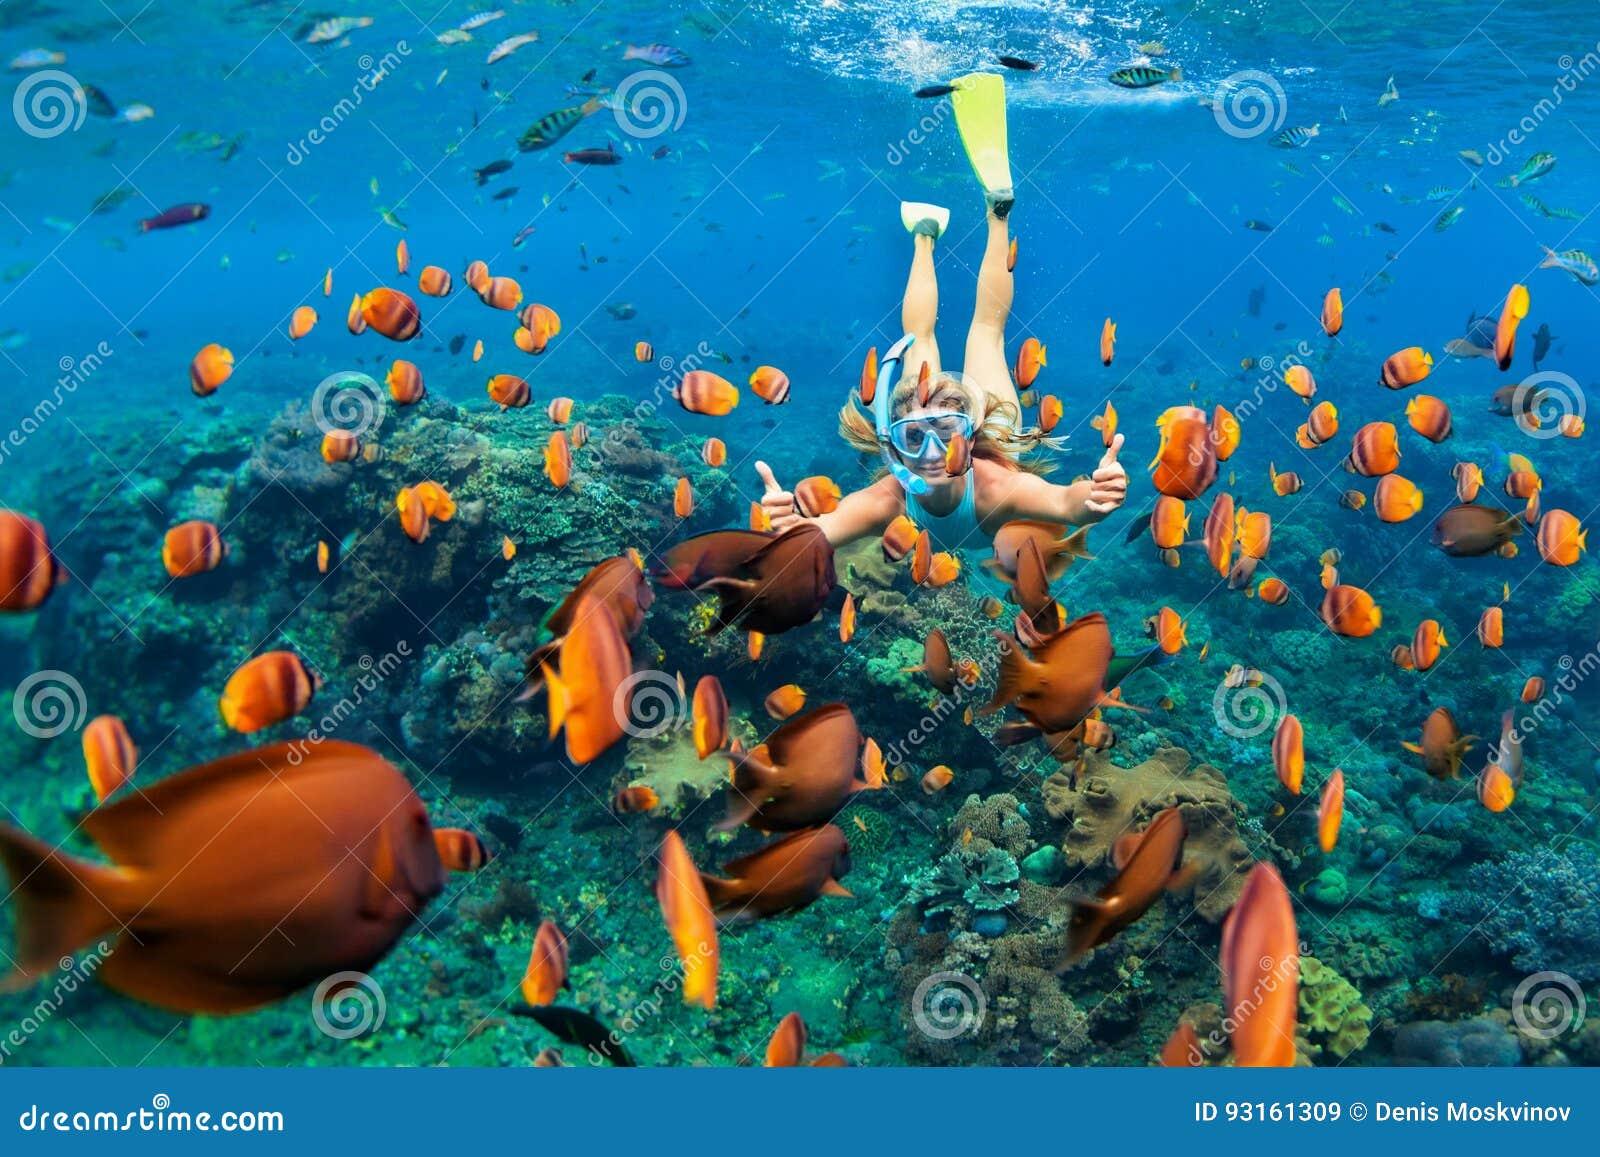 Το κορίτσι που κολυμπά με αναπνευτήρα στη μάσκα βουτά υποβρύχιος με τα ψάρια κοραλλιογενών υφάλων